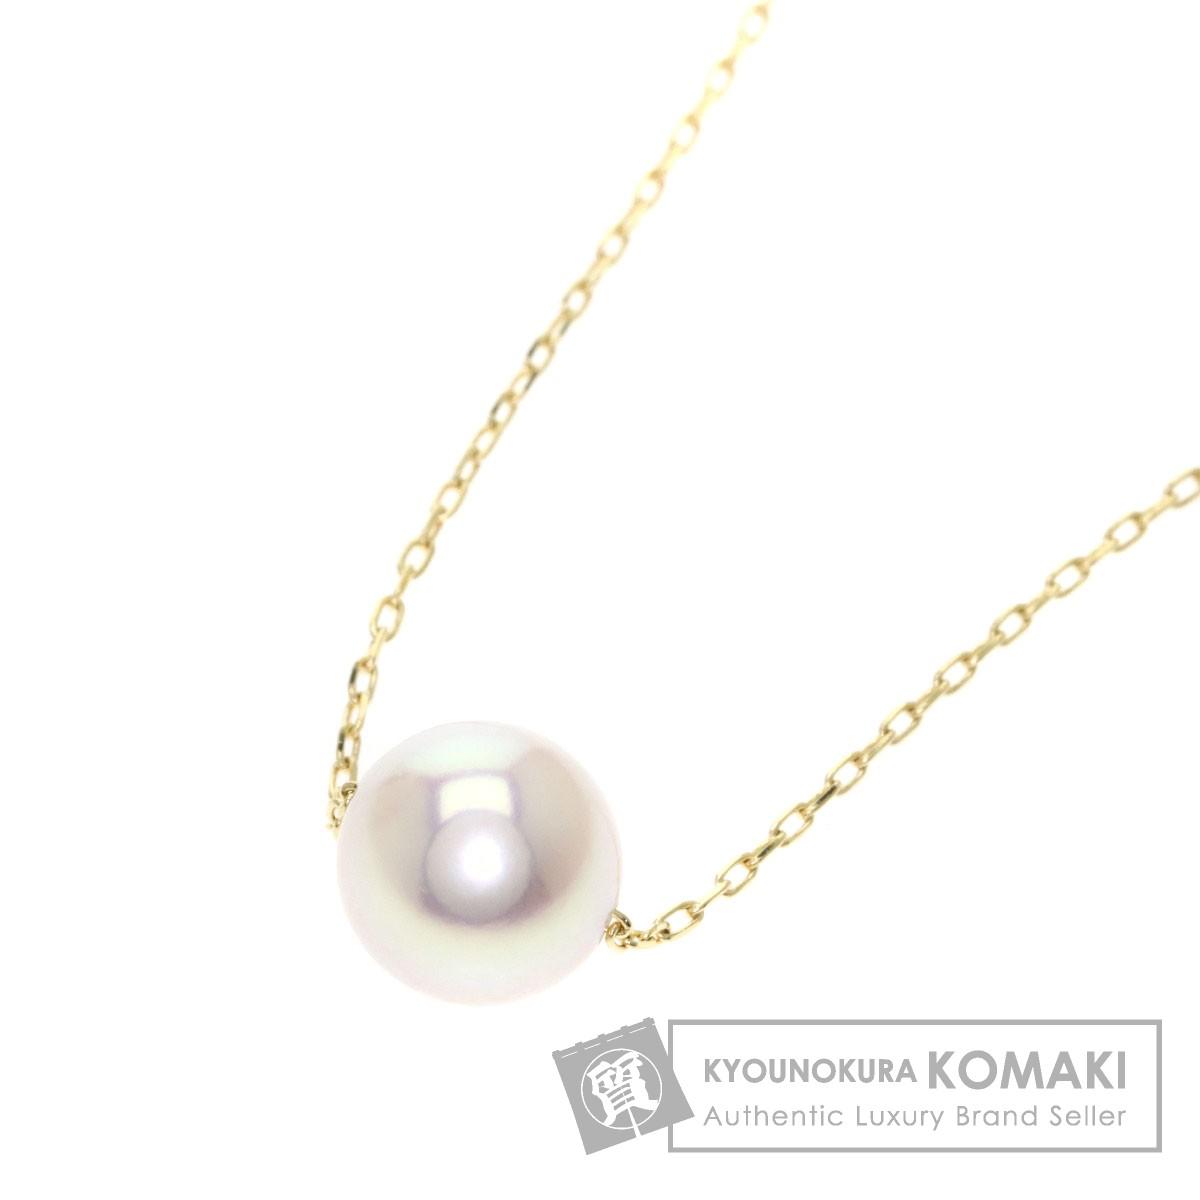 パール/真珠 ネックレス K18イエローゴールド 2g レディース 【中古】